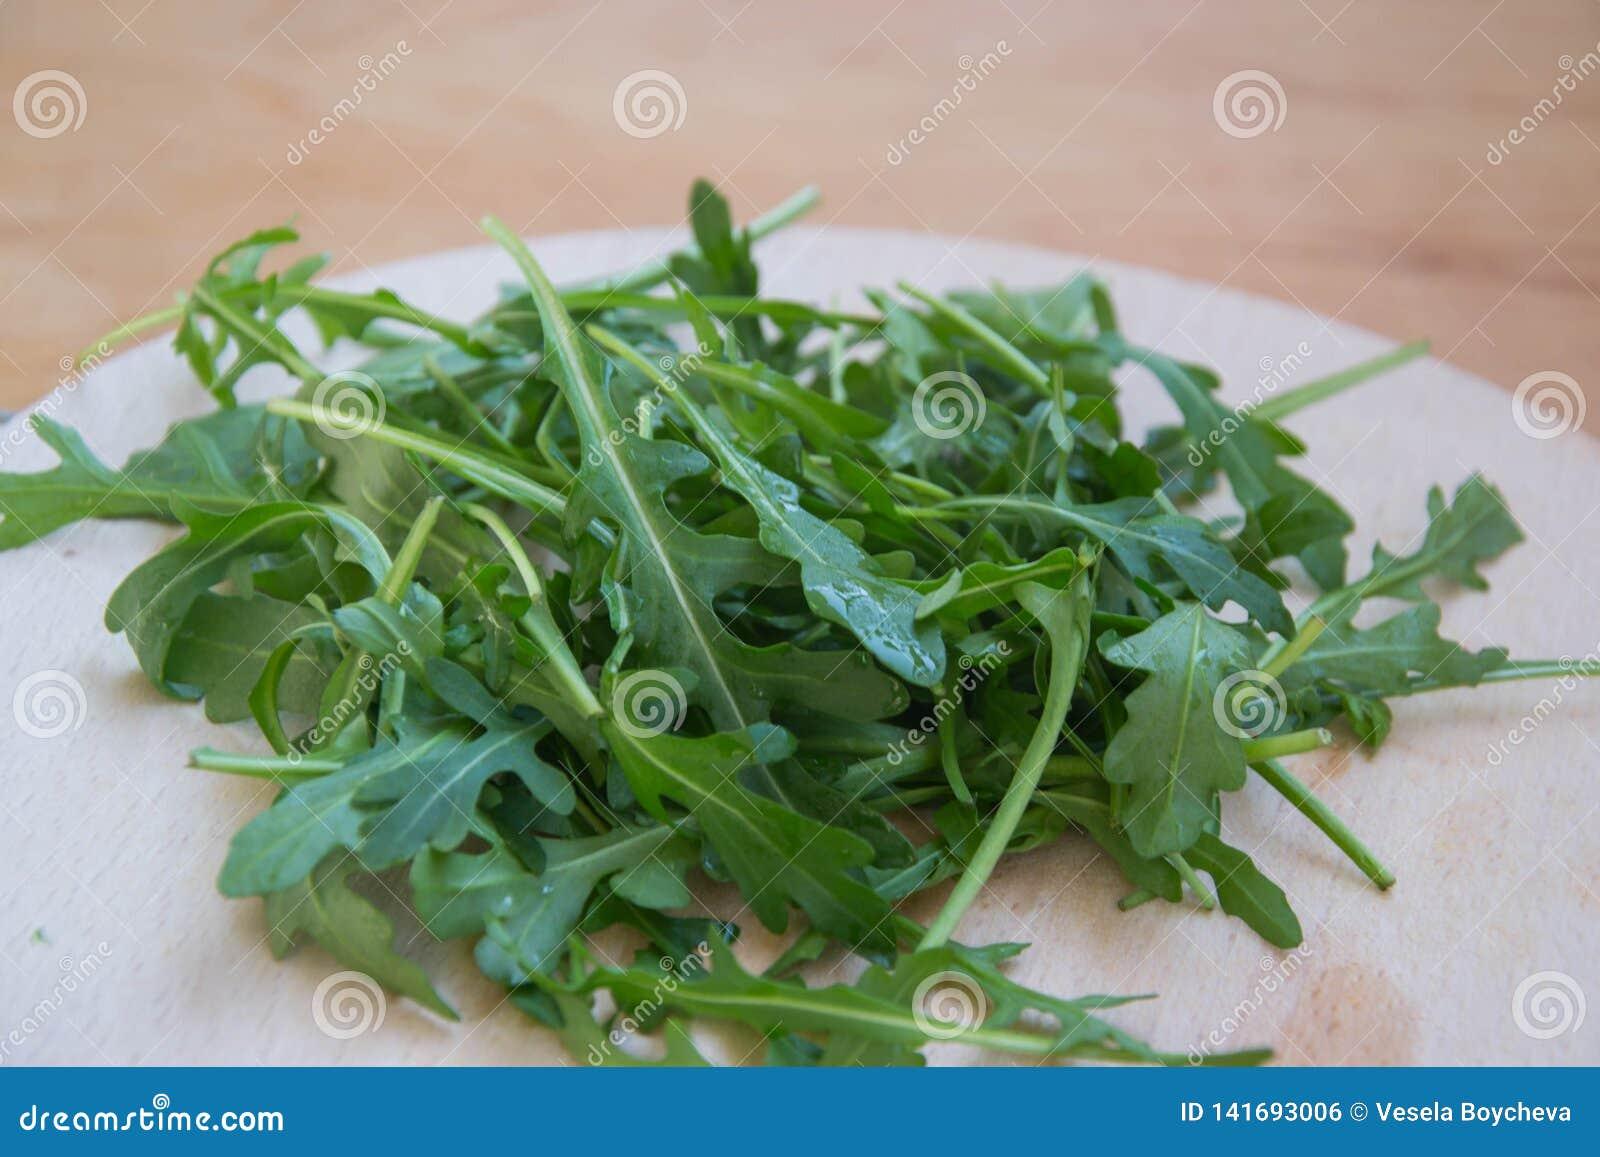 Grön arugula lämnar på träskärbräda Ny rucola i köket i det plast- magasinet, italiensk smaktillsats Sund livsstil